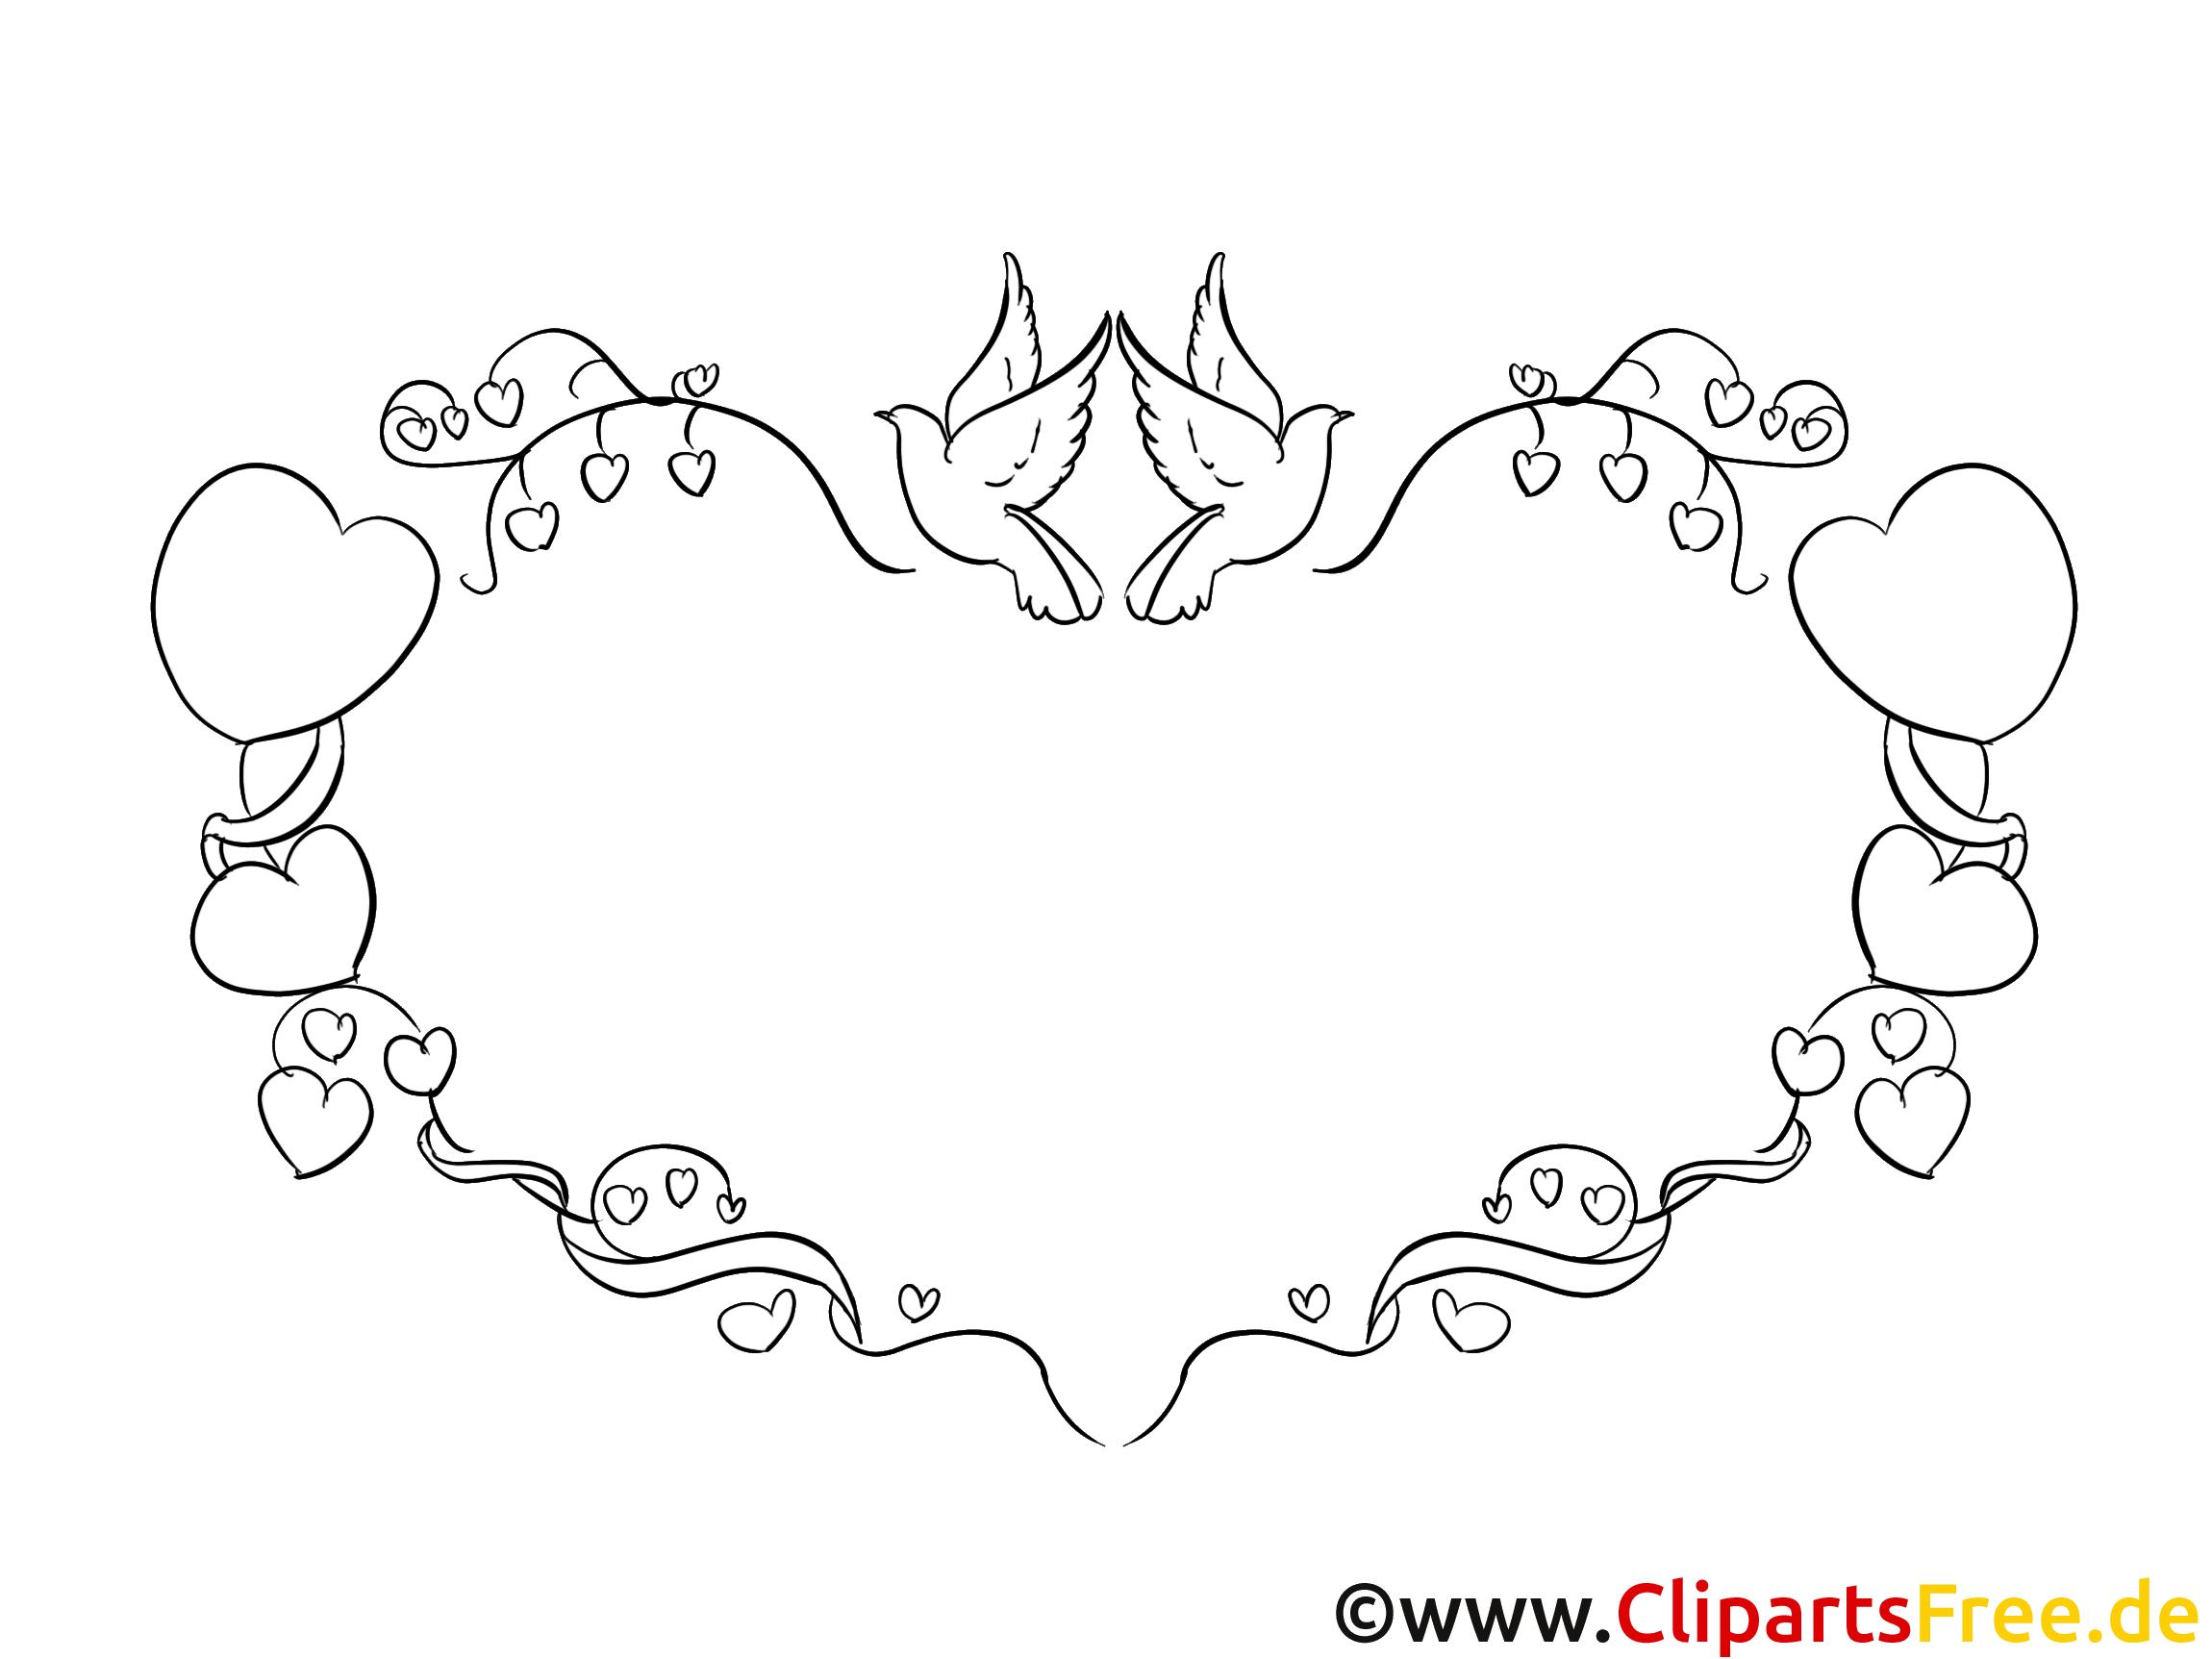 Herz, Liebe, Rahmen, Bilderrahmen